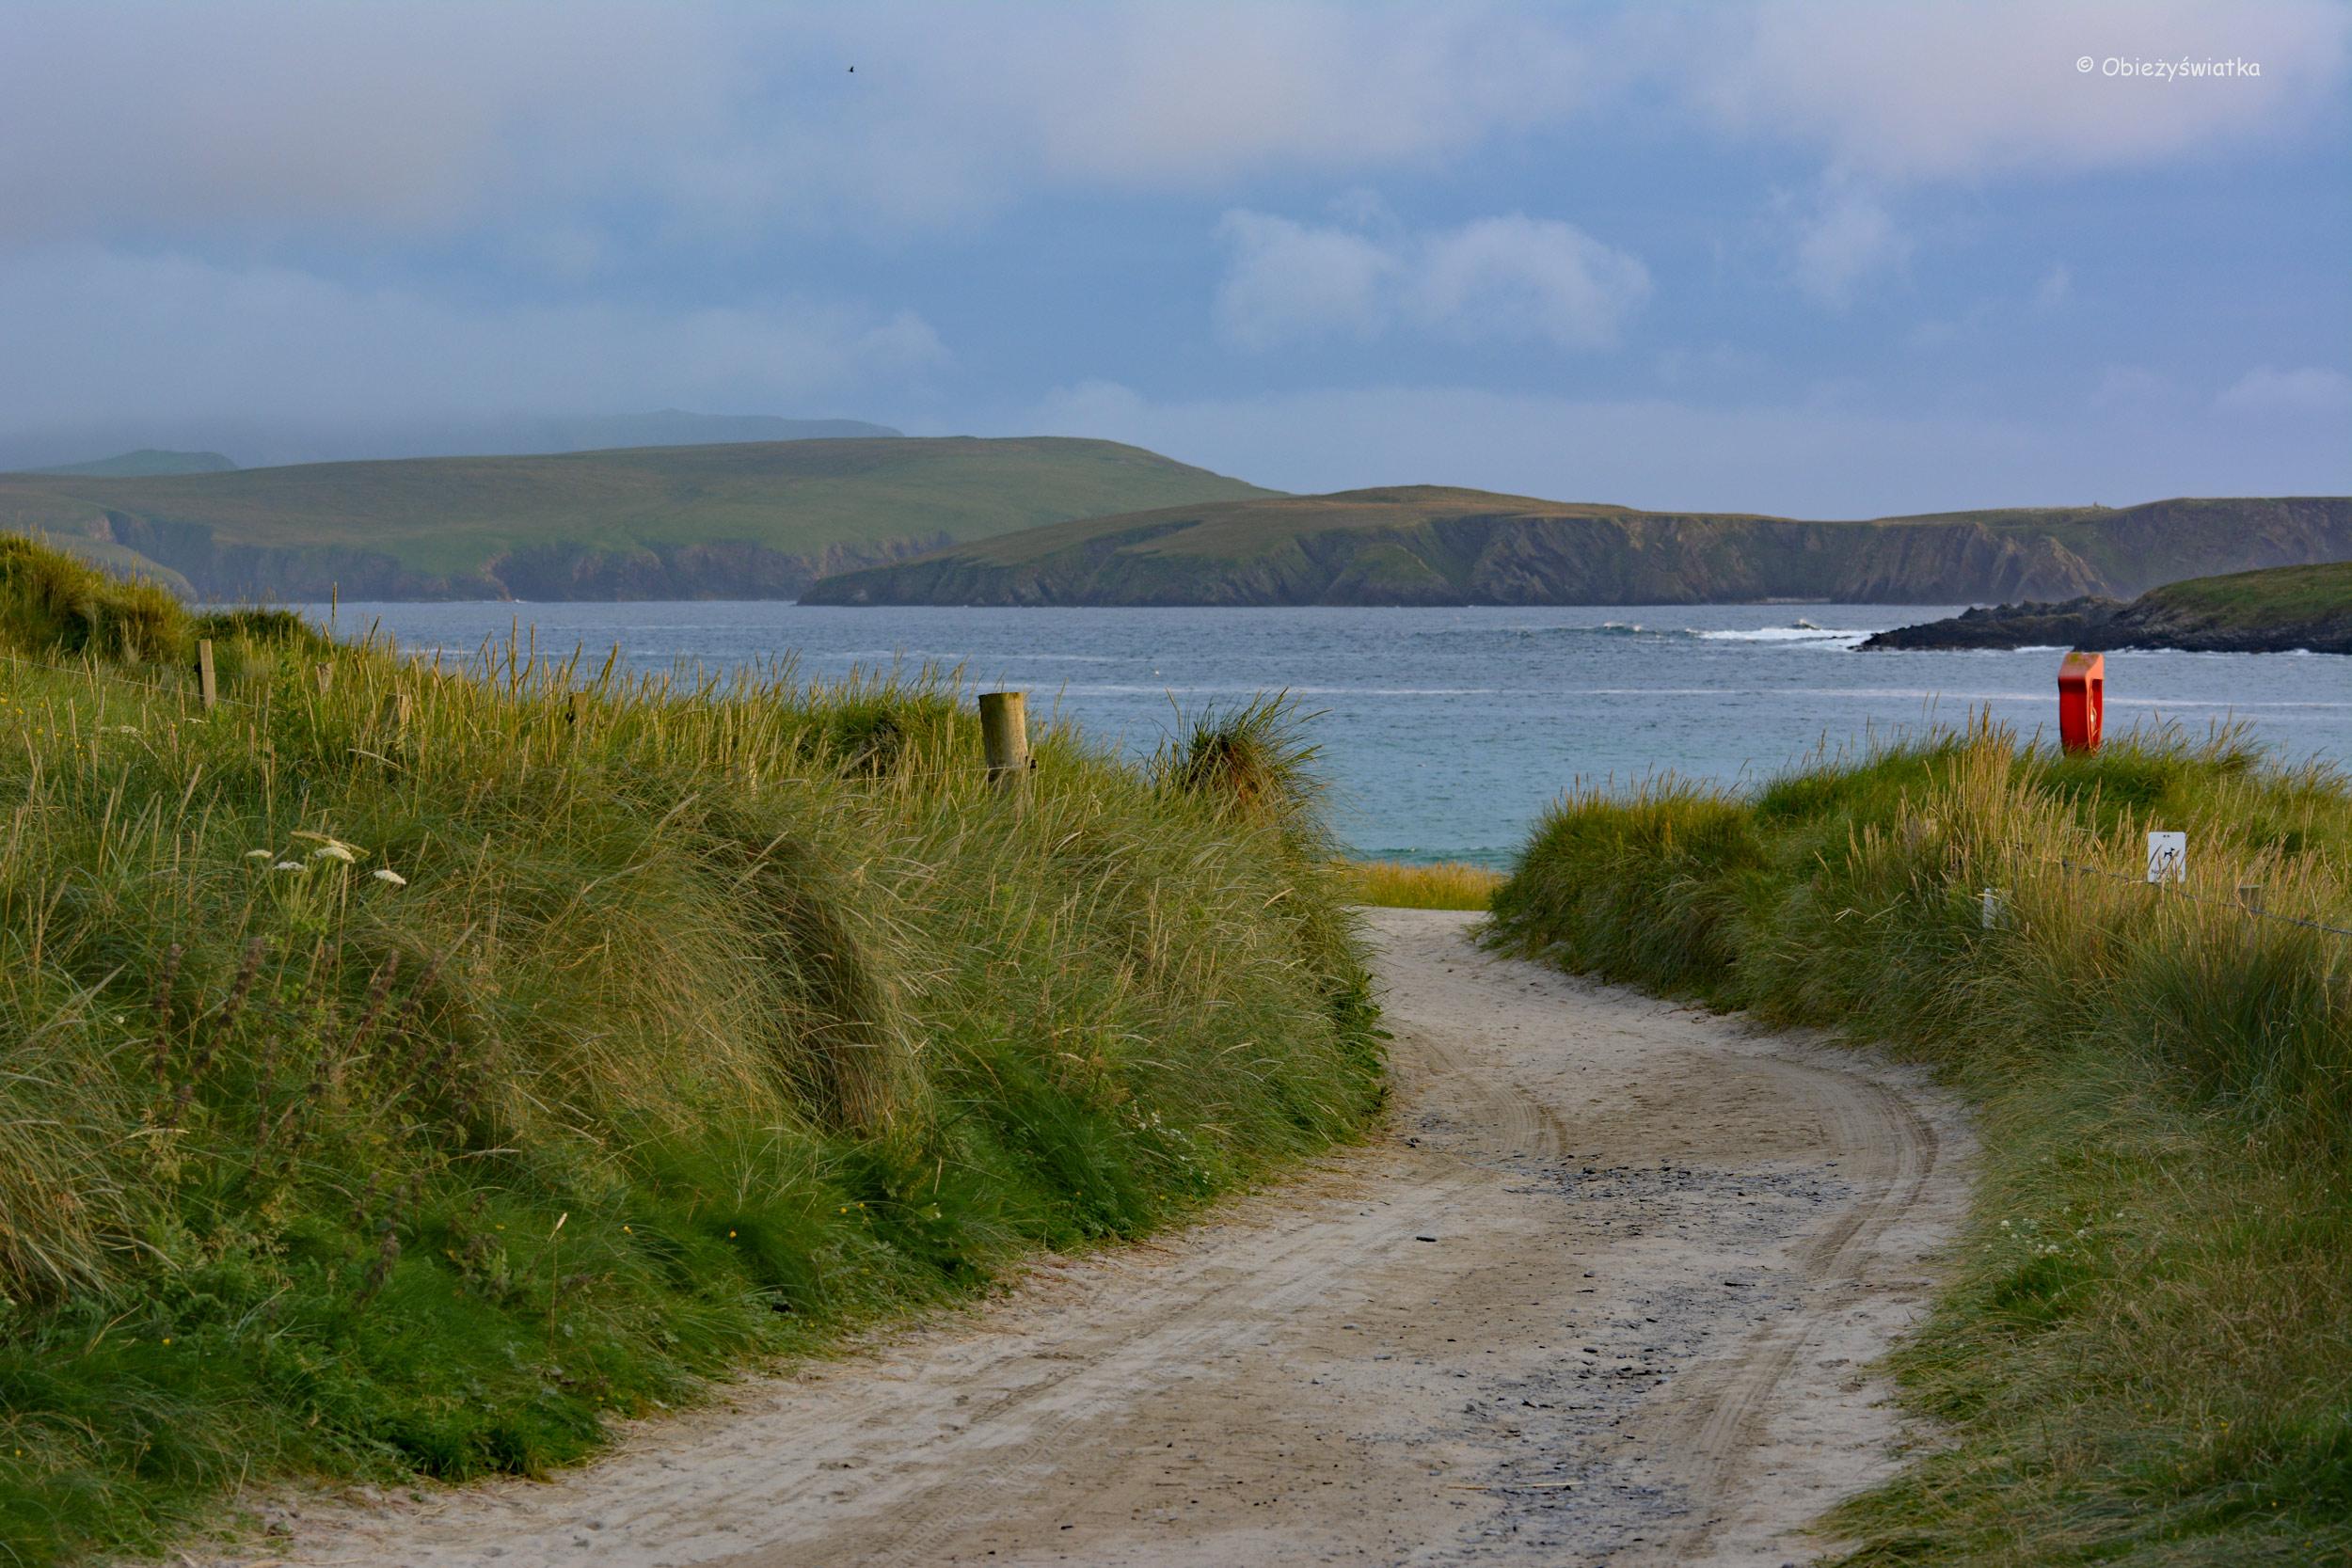 Droga na brzeg, Wyspy Szetlandzkie, Szkocja